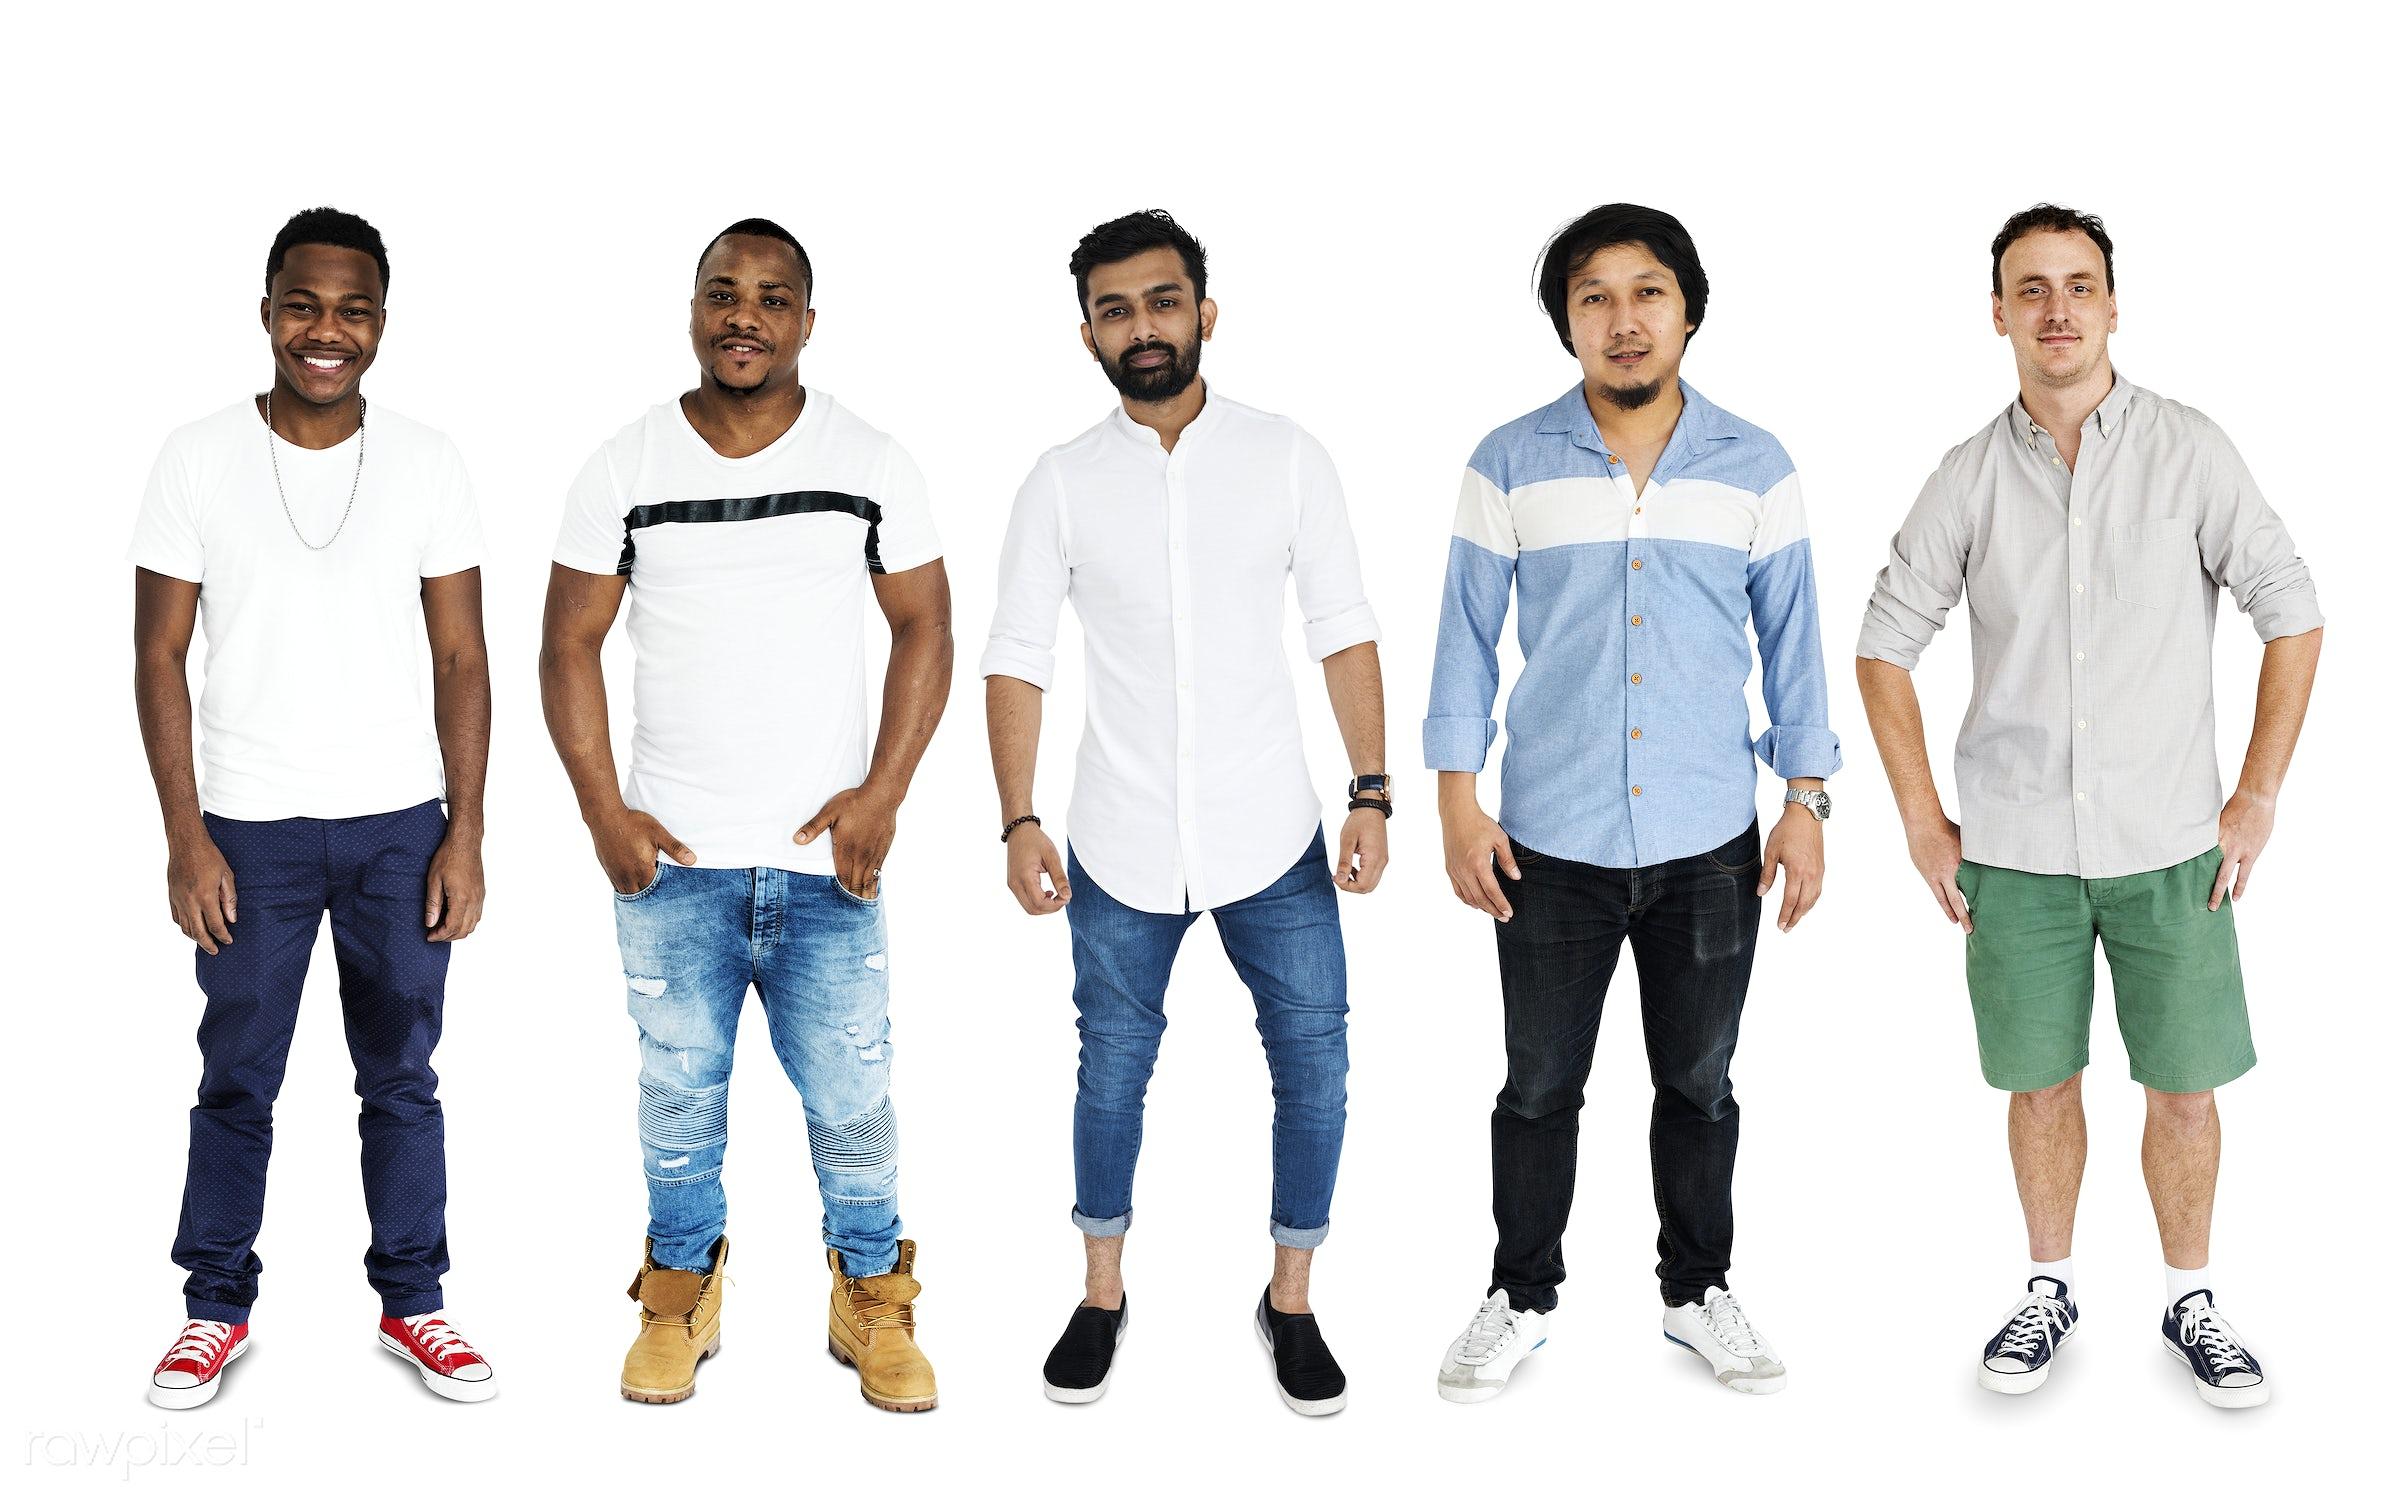 Diversity Adult Men Set Gesture Standing Together Studio Isolated - gentlemen, studio, person, african, diverse, relax, set...